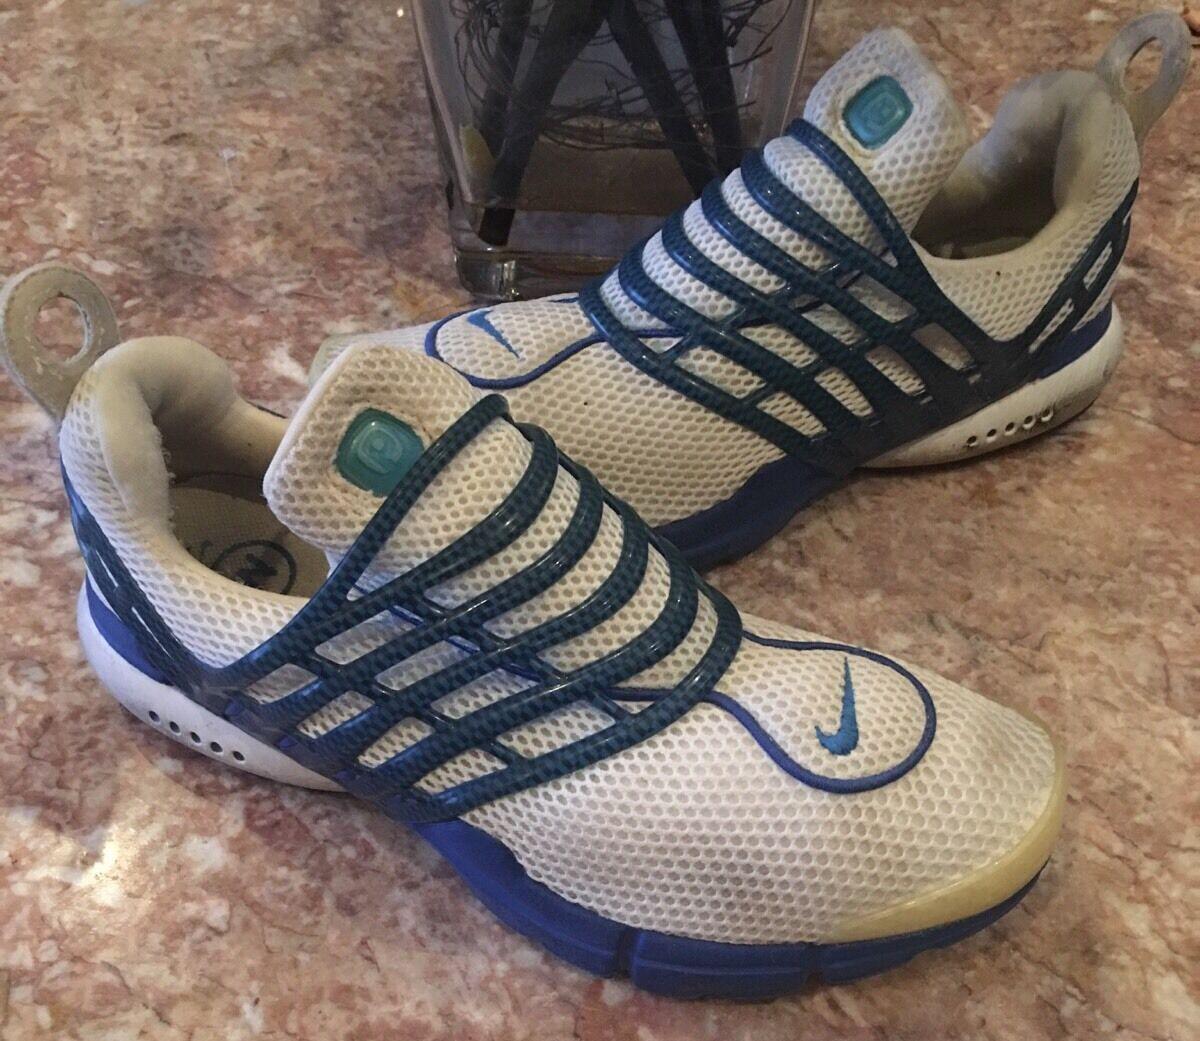 Nike air presto männer retro - blau / weiße sportschuhe größe m - 104301 141 euc